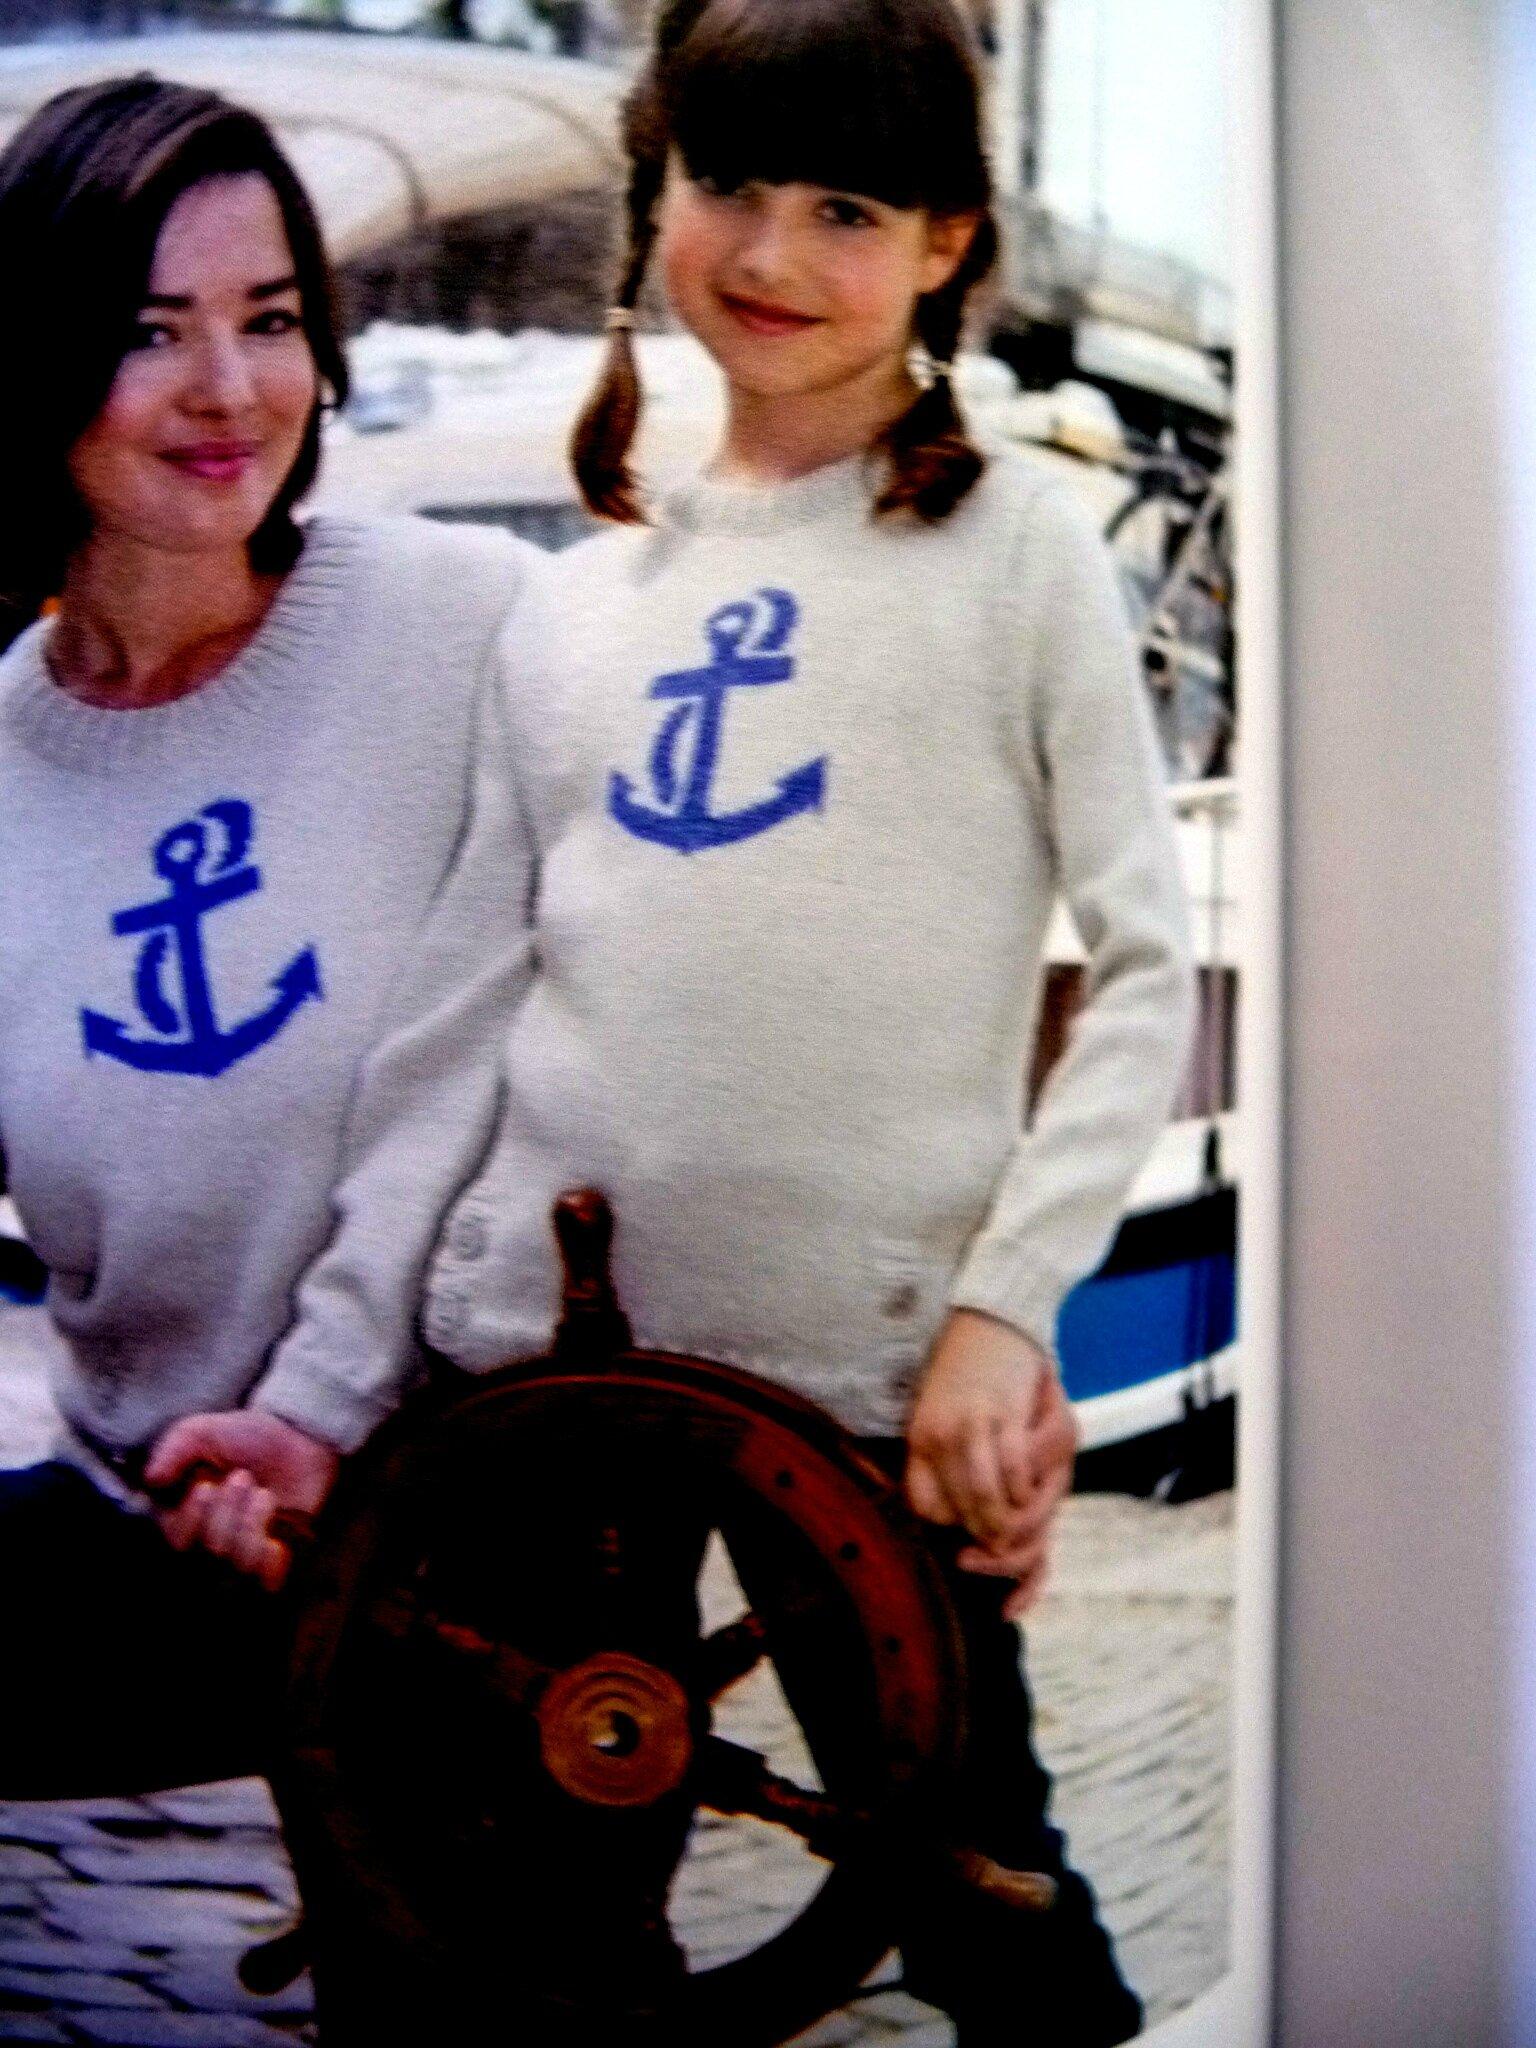 Pour les débutantes   Un modèle de pull pour fille ou garçon - La ... d61fa486a9d